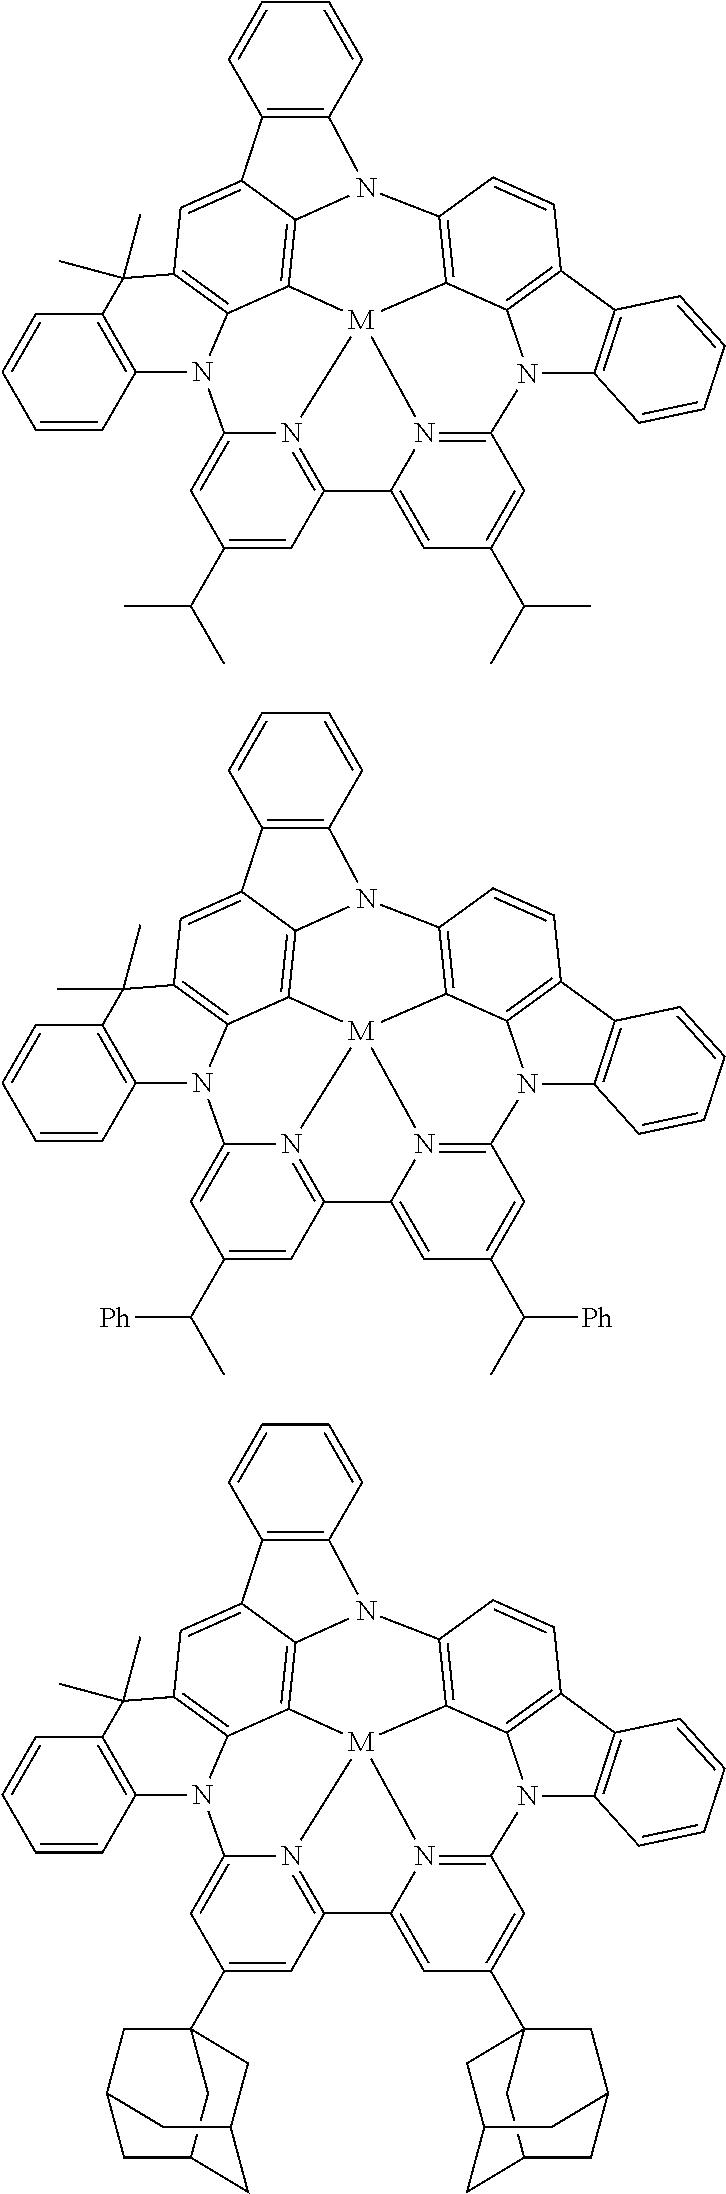 Figure US10158091-20181218-C00202